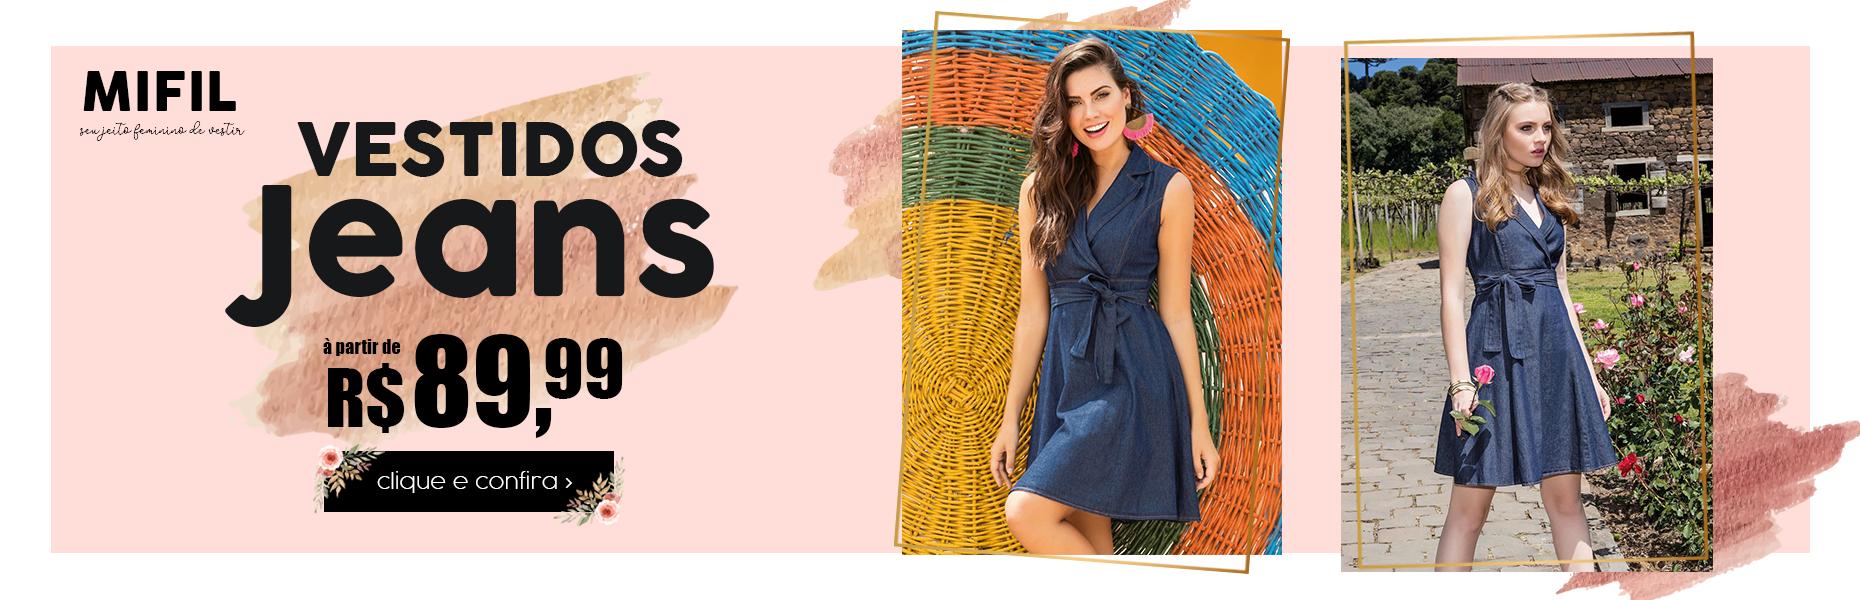 Oferta Vestidos Jeans a partir R$ 89,99